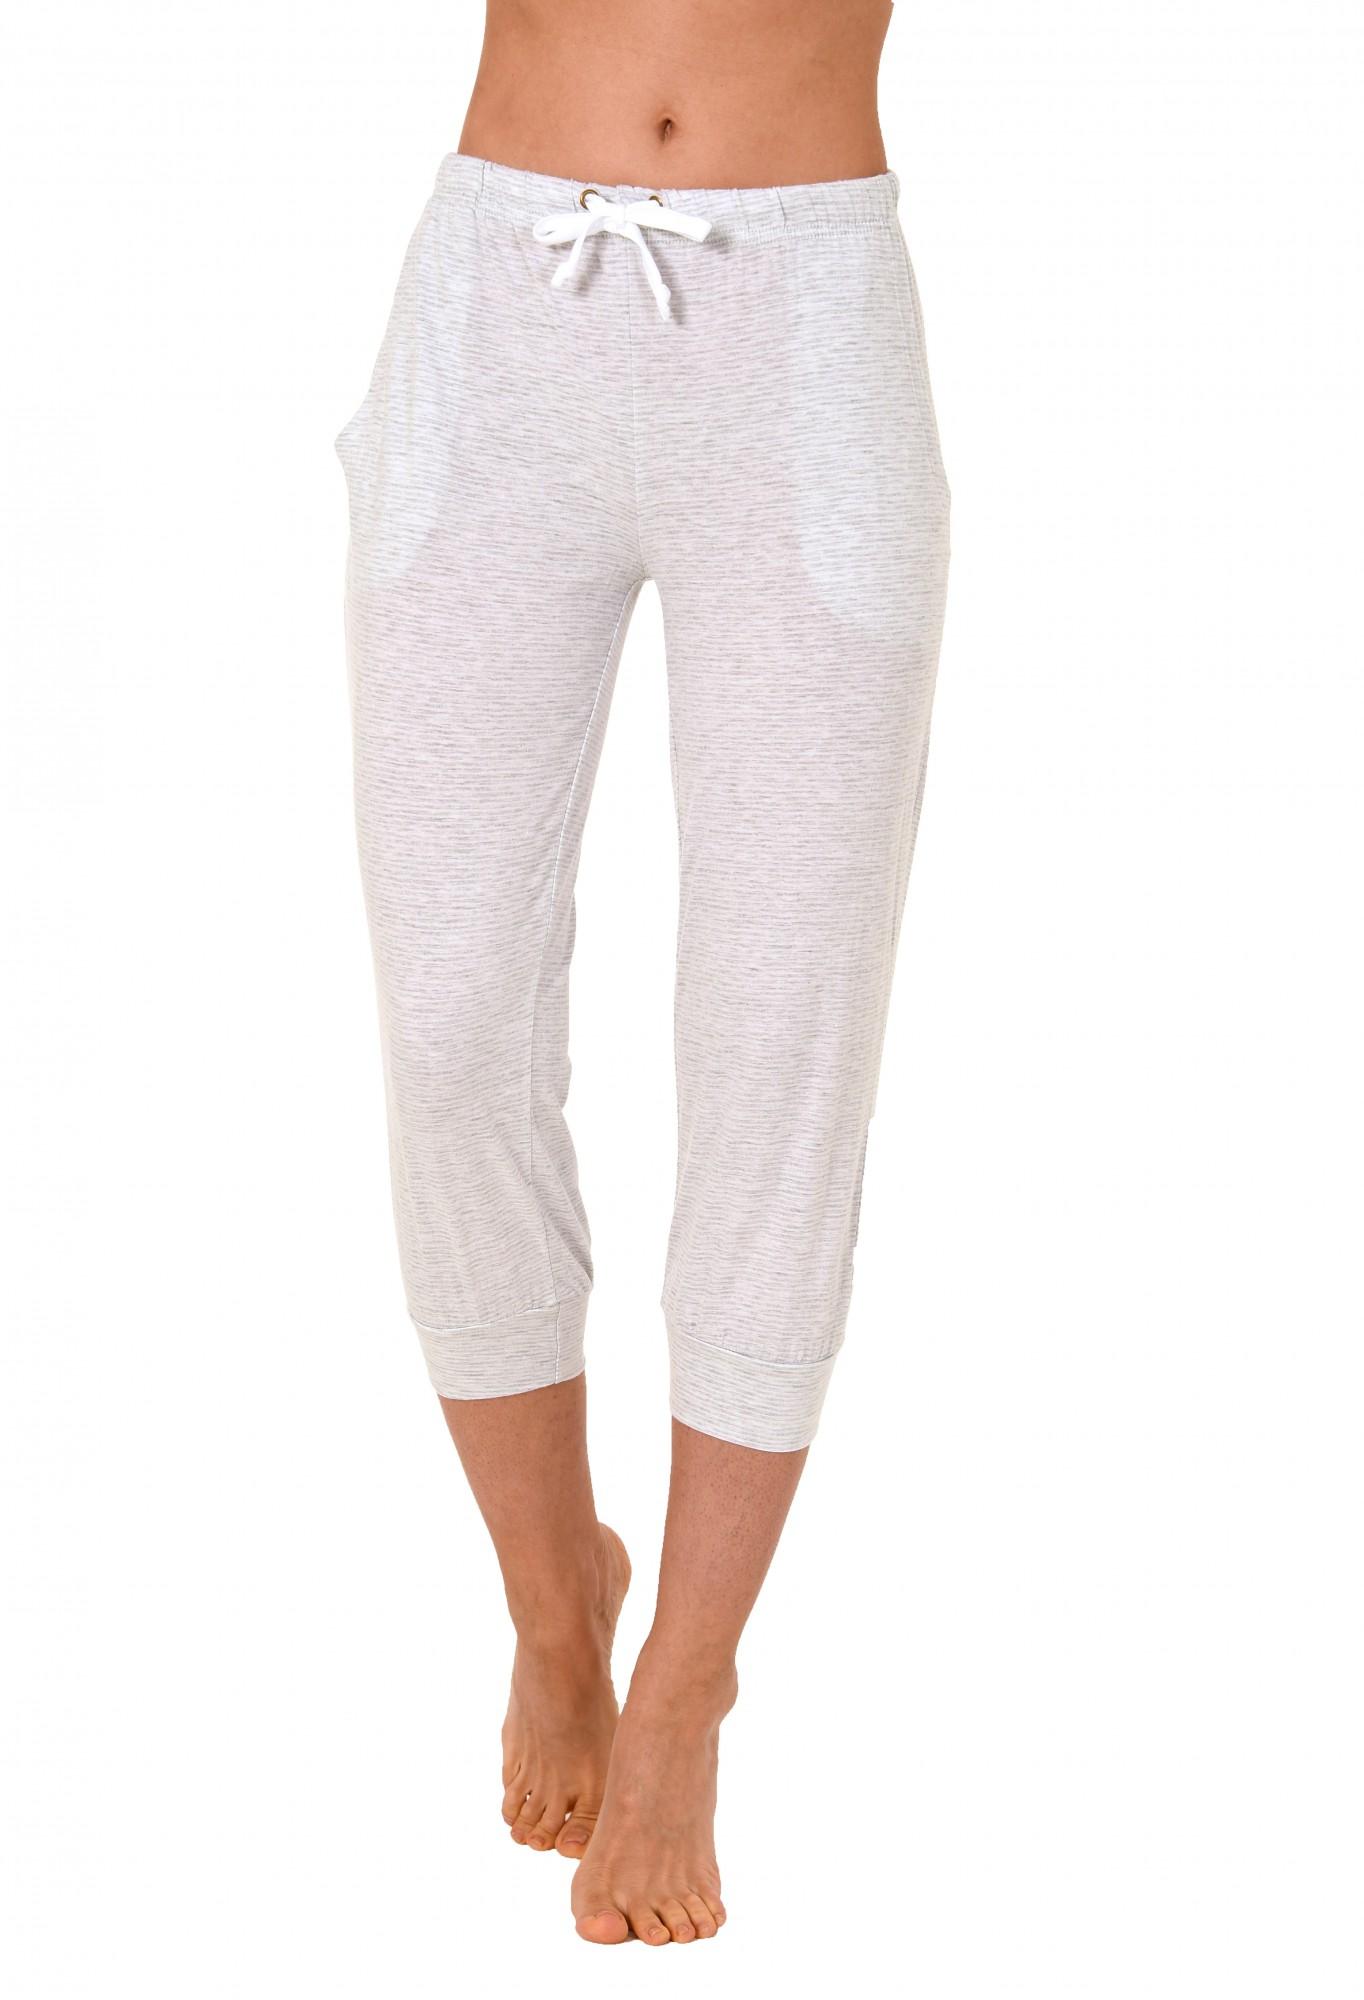 Damen Pyjama Capri Hose 3/4-lang - Mix & Match - ideal zum kombinieren  223 90 903 – Bild 2